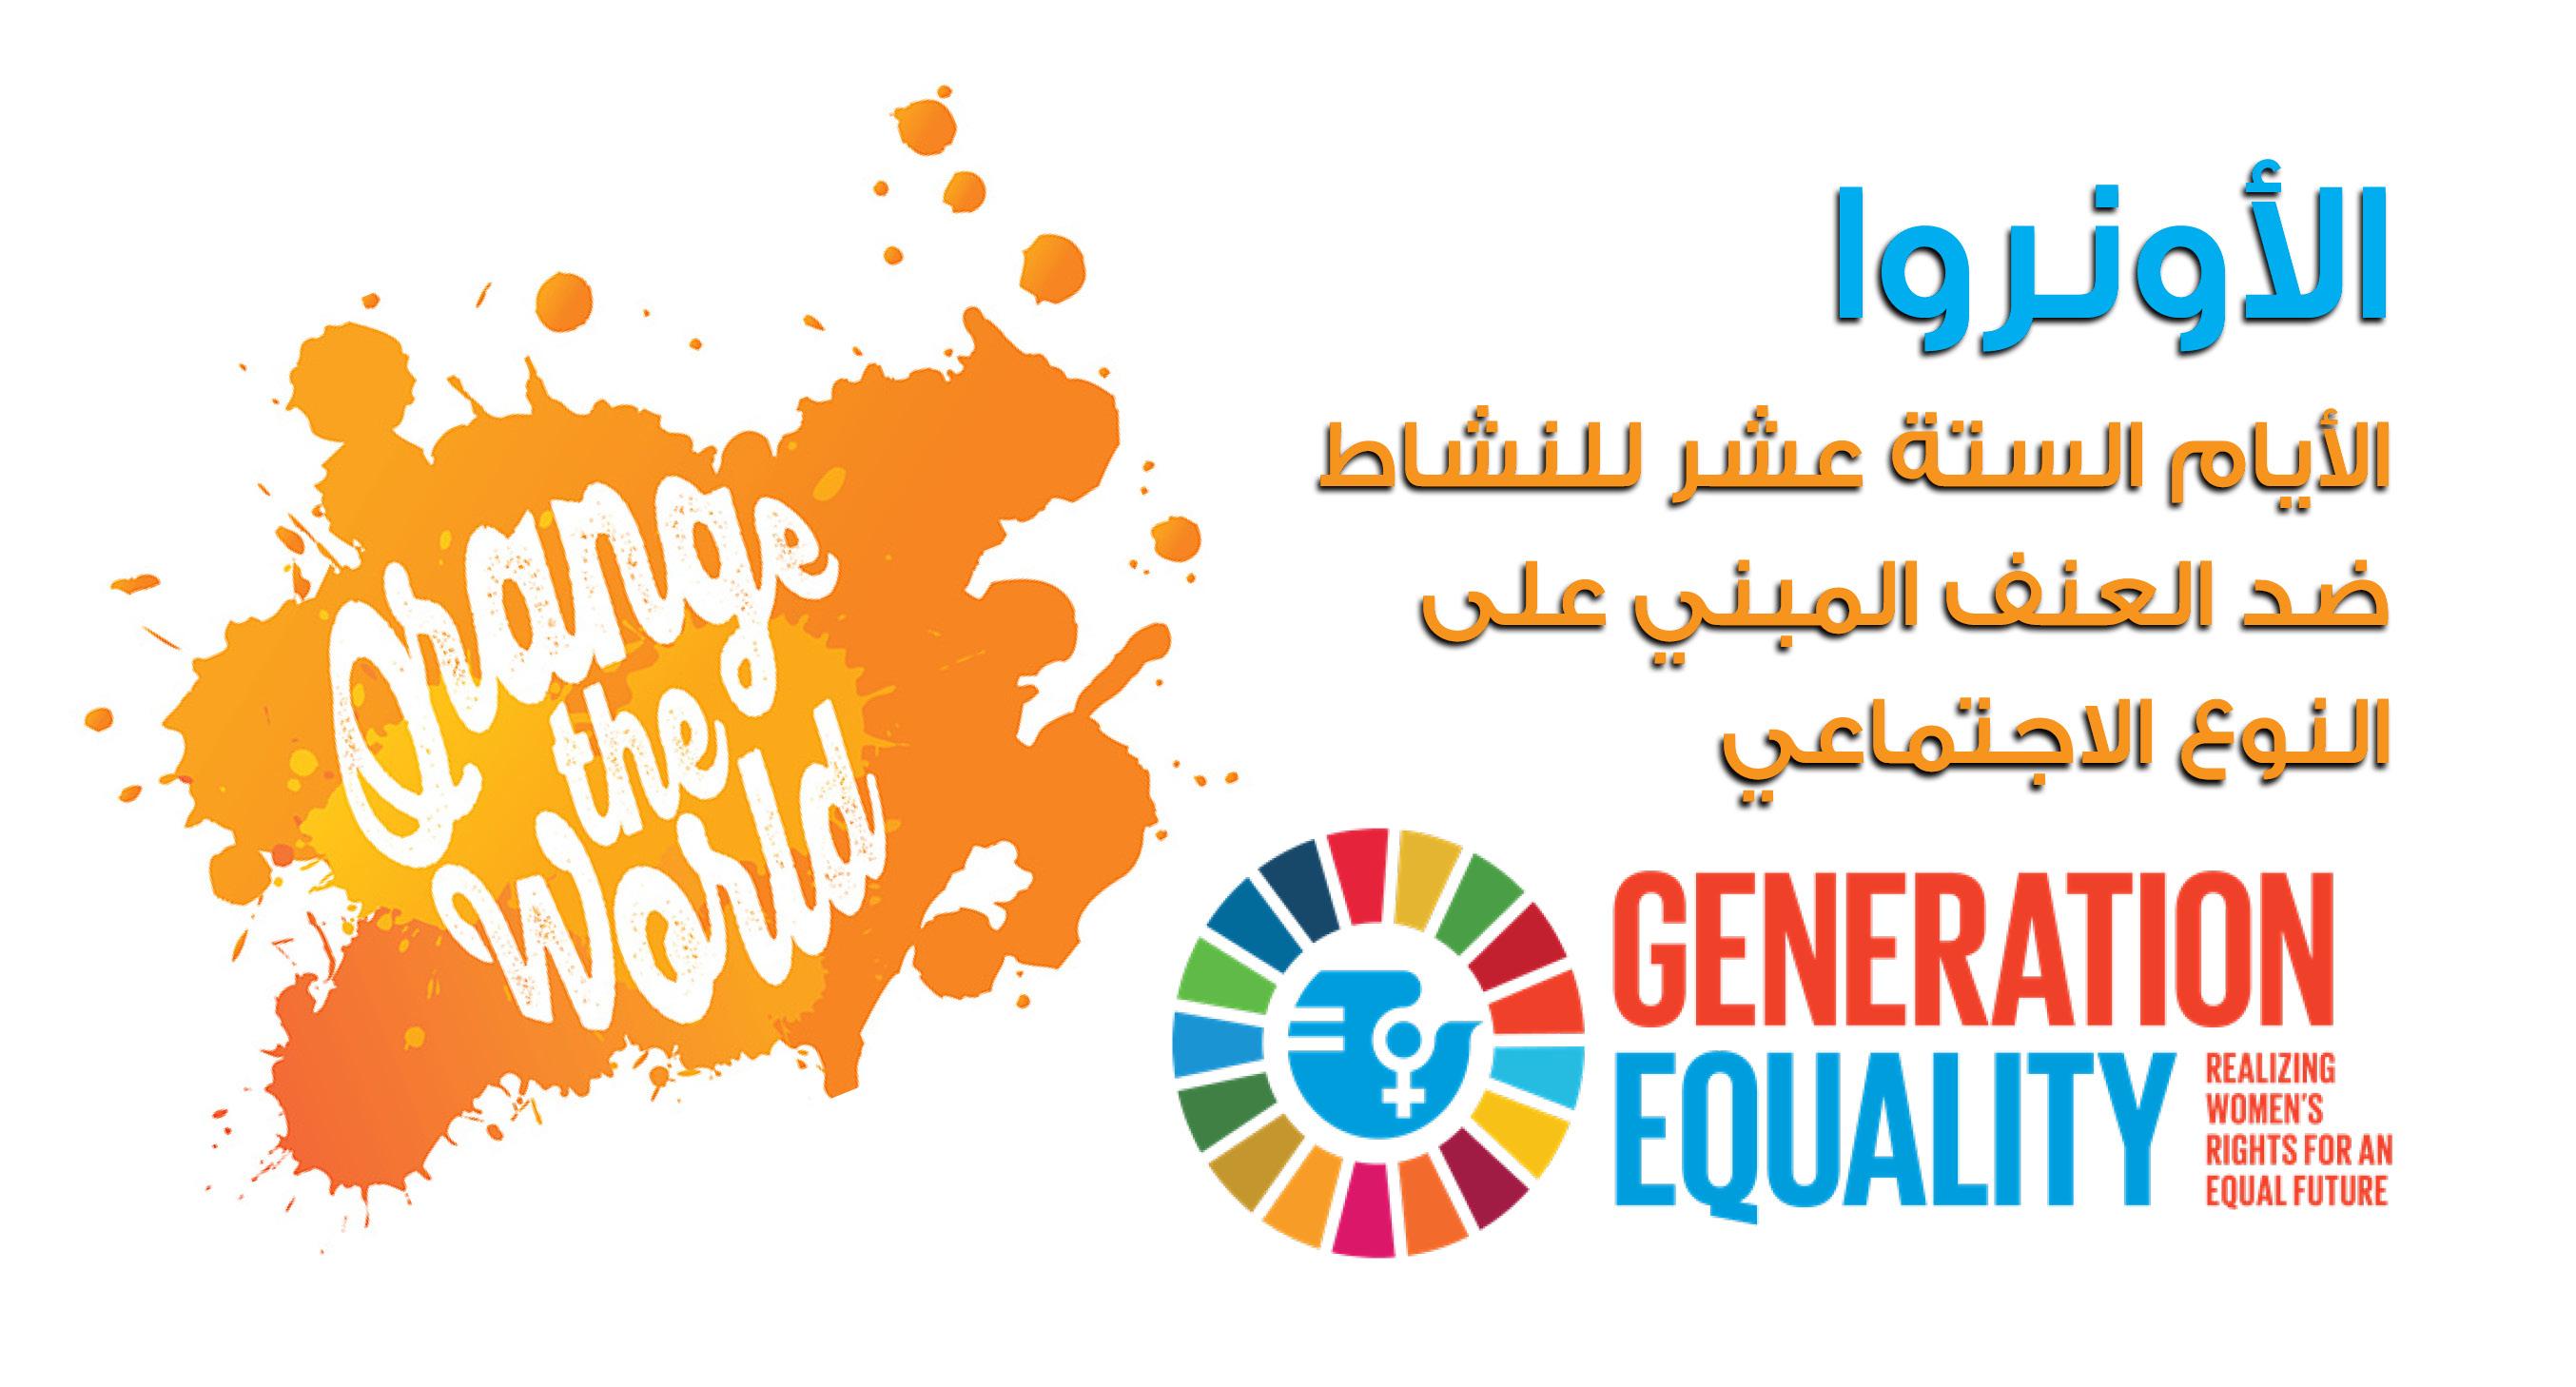 الأيام الستة عشرة للنشاط ضد العنف المبني على النوع الاجتماعي